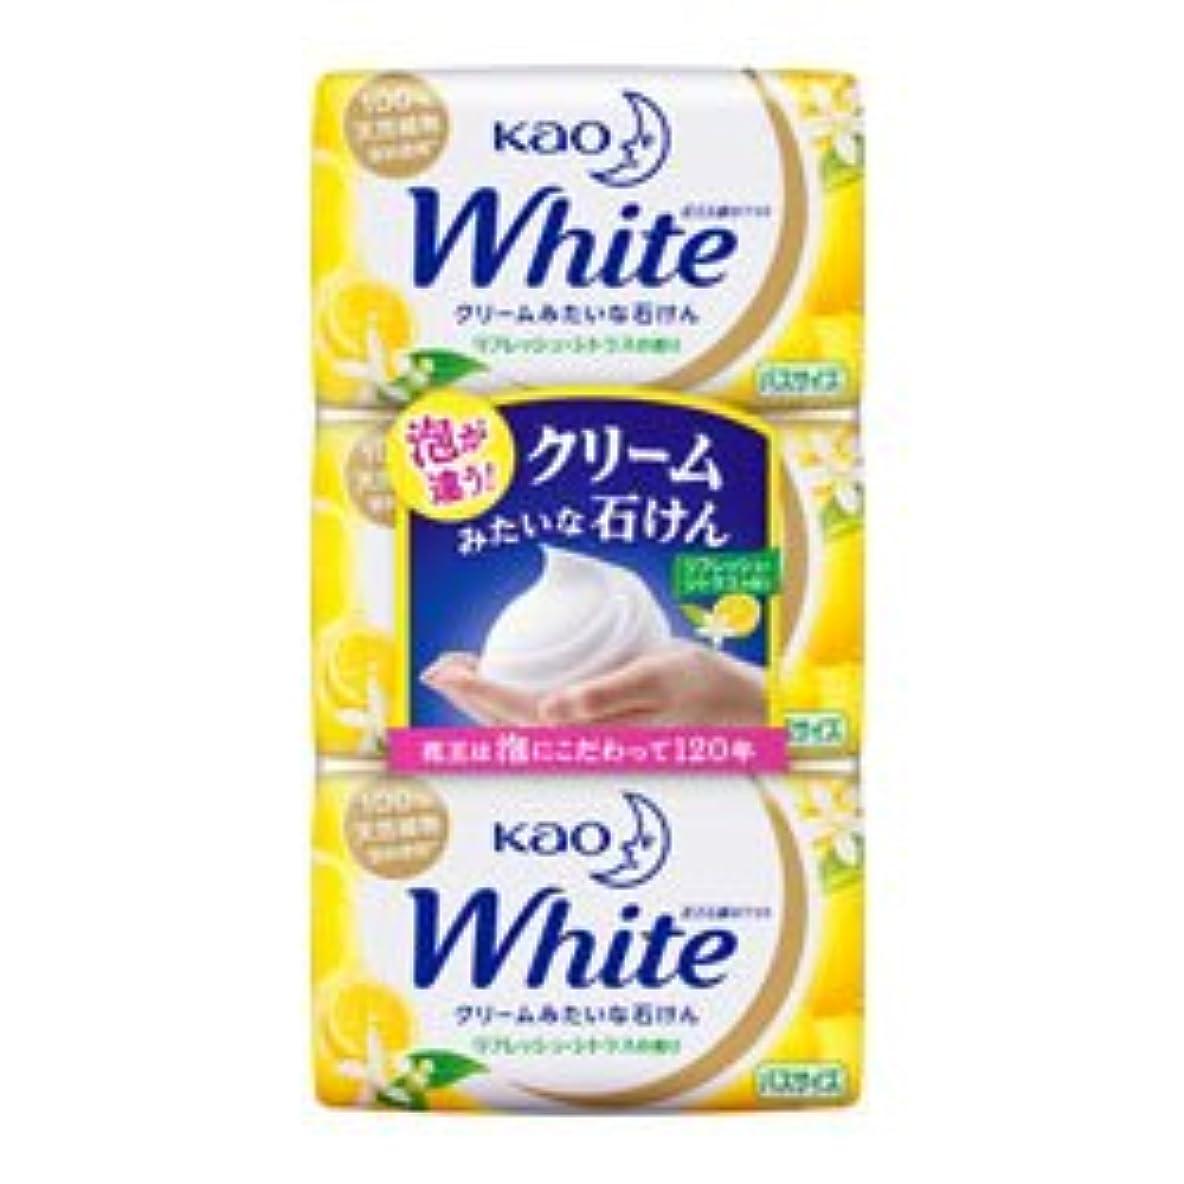 にロンドン畝間【花王】ホワイト リフレッシュ?シトラスの香り バスサイズ 130g×3個入 ×20個セット